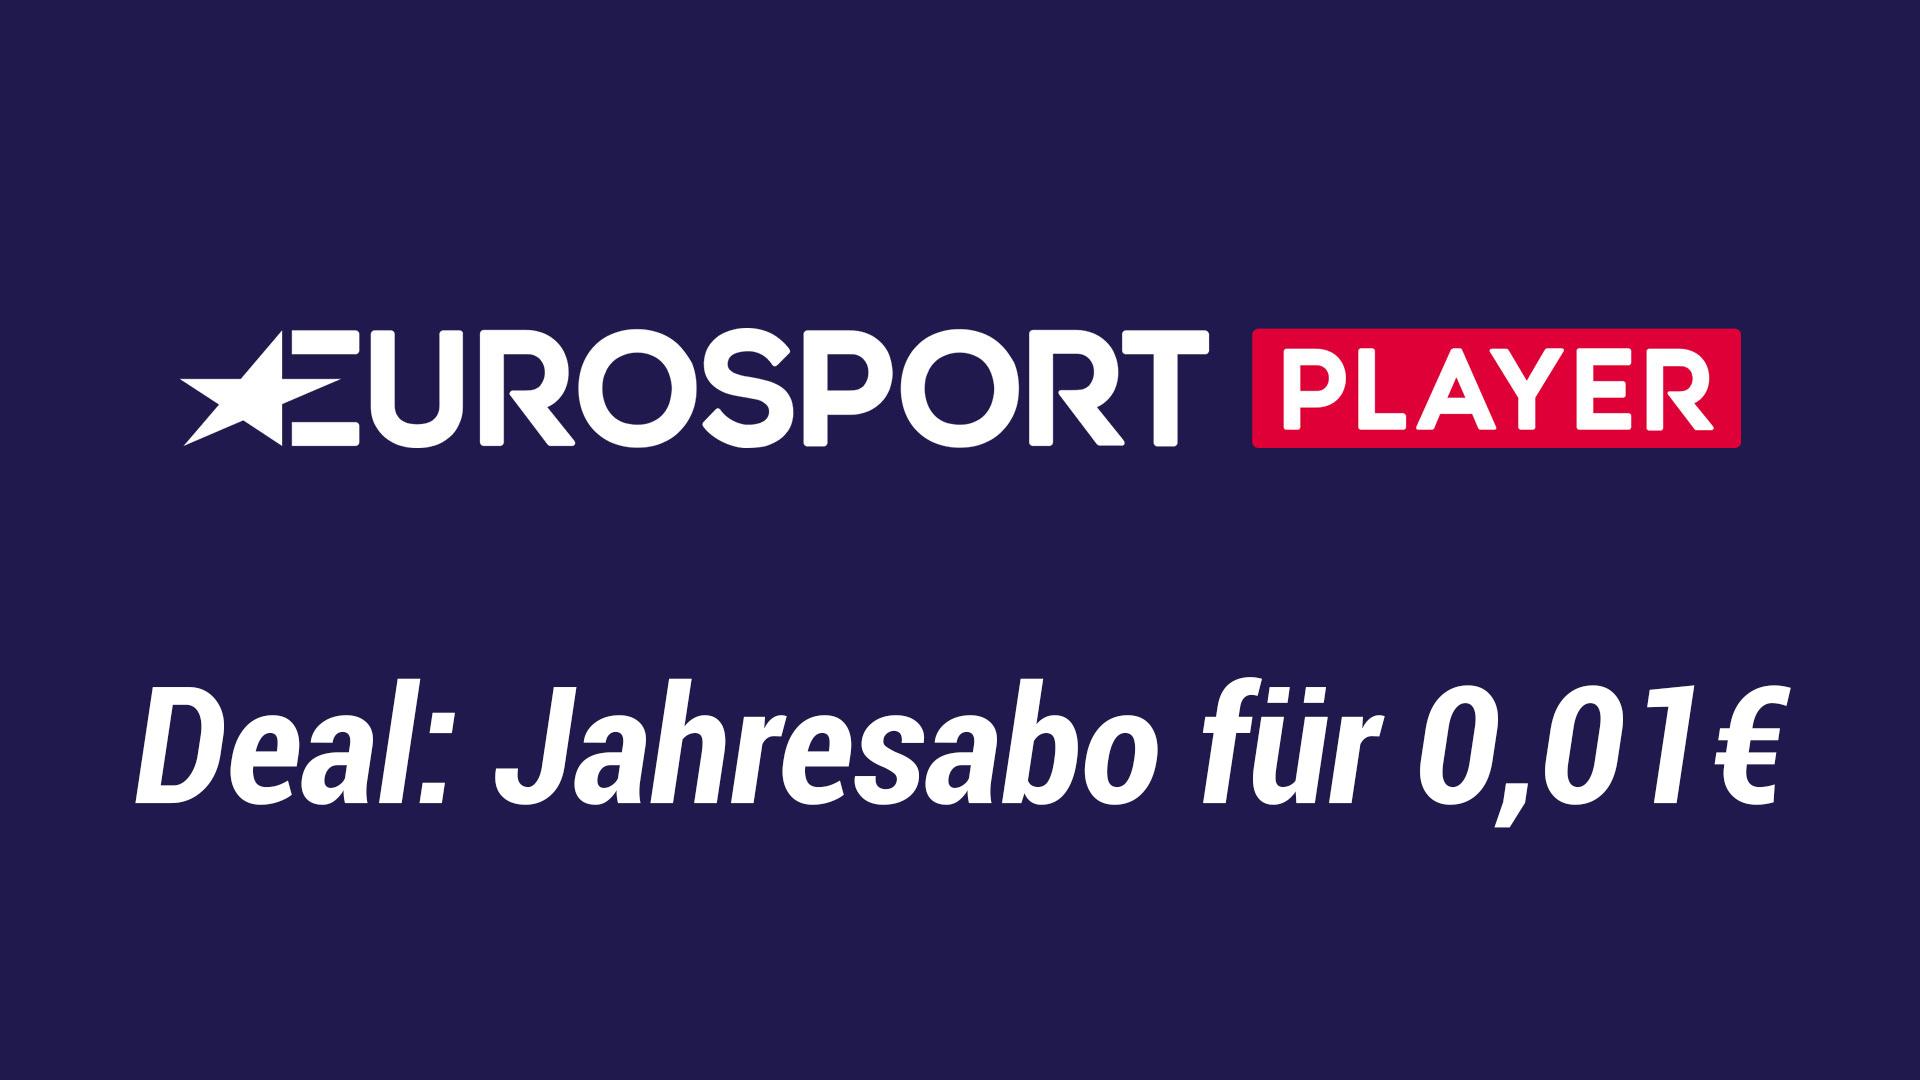 Eurosport Player Störung Aktuell